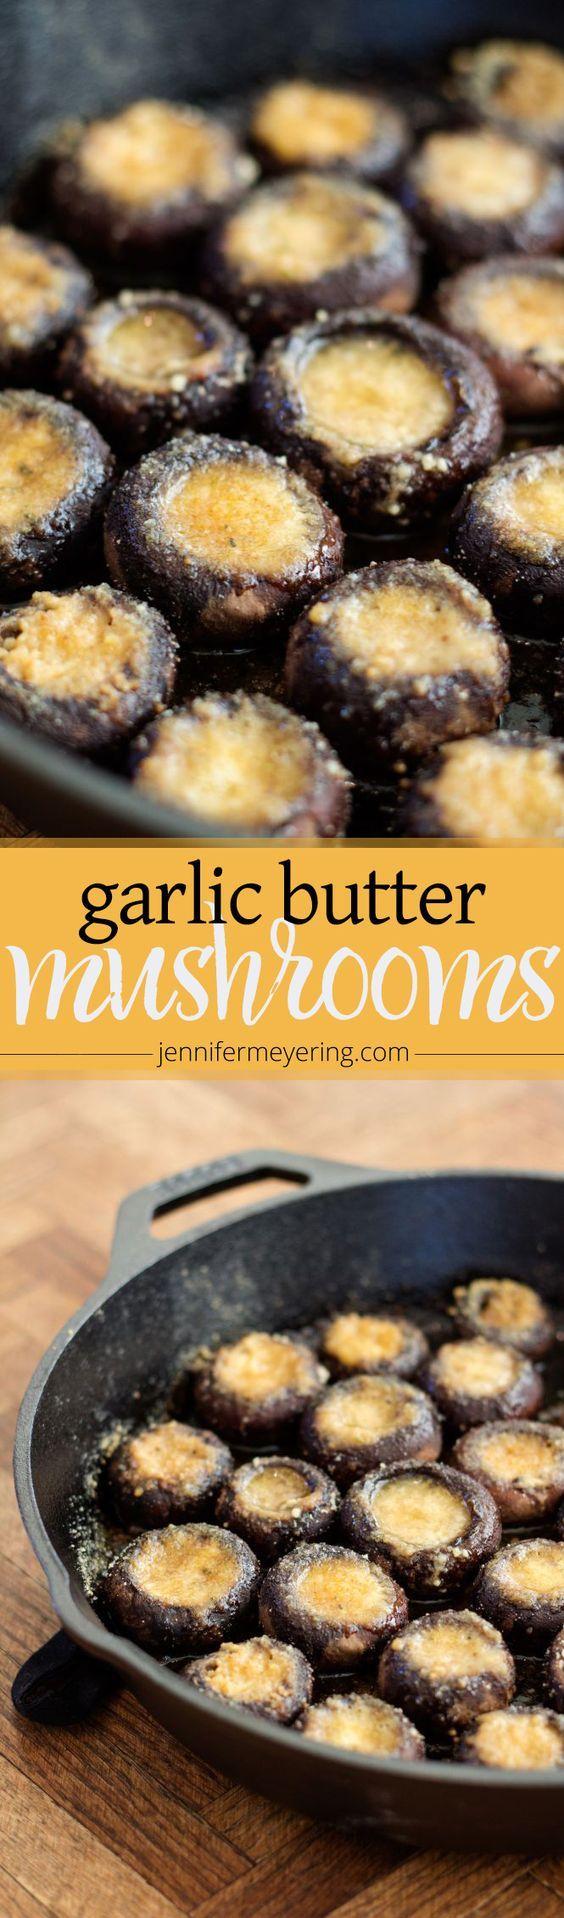 Garlic Butter Roasted Mushrooms